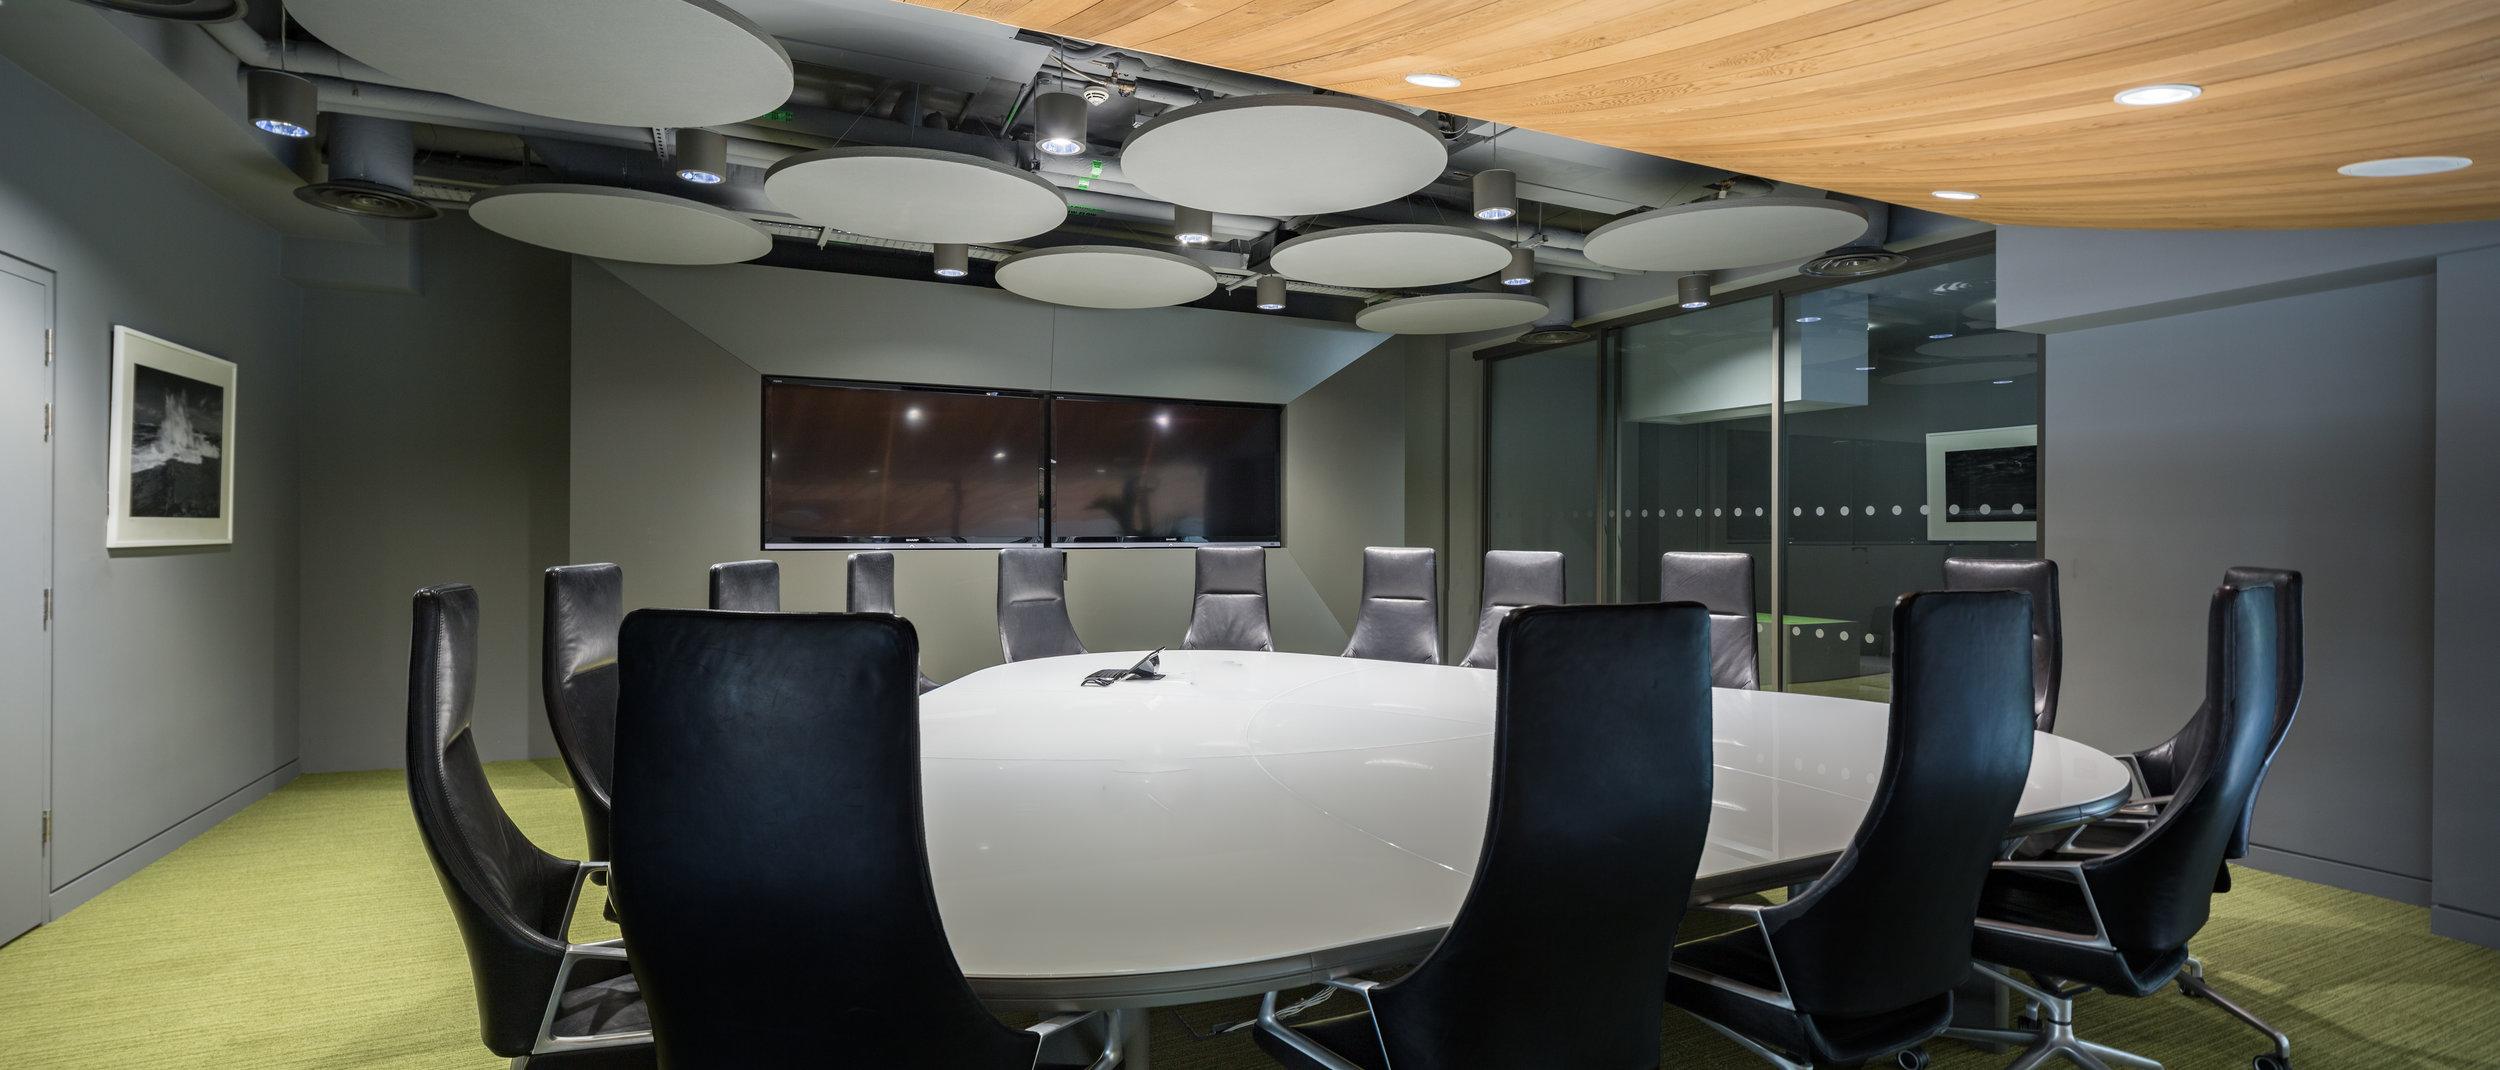 Avalon Boardroom, The Oval, Dublin.